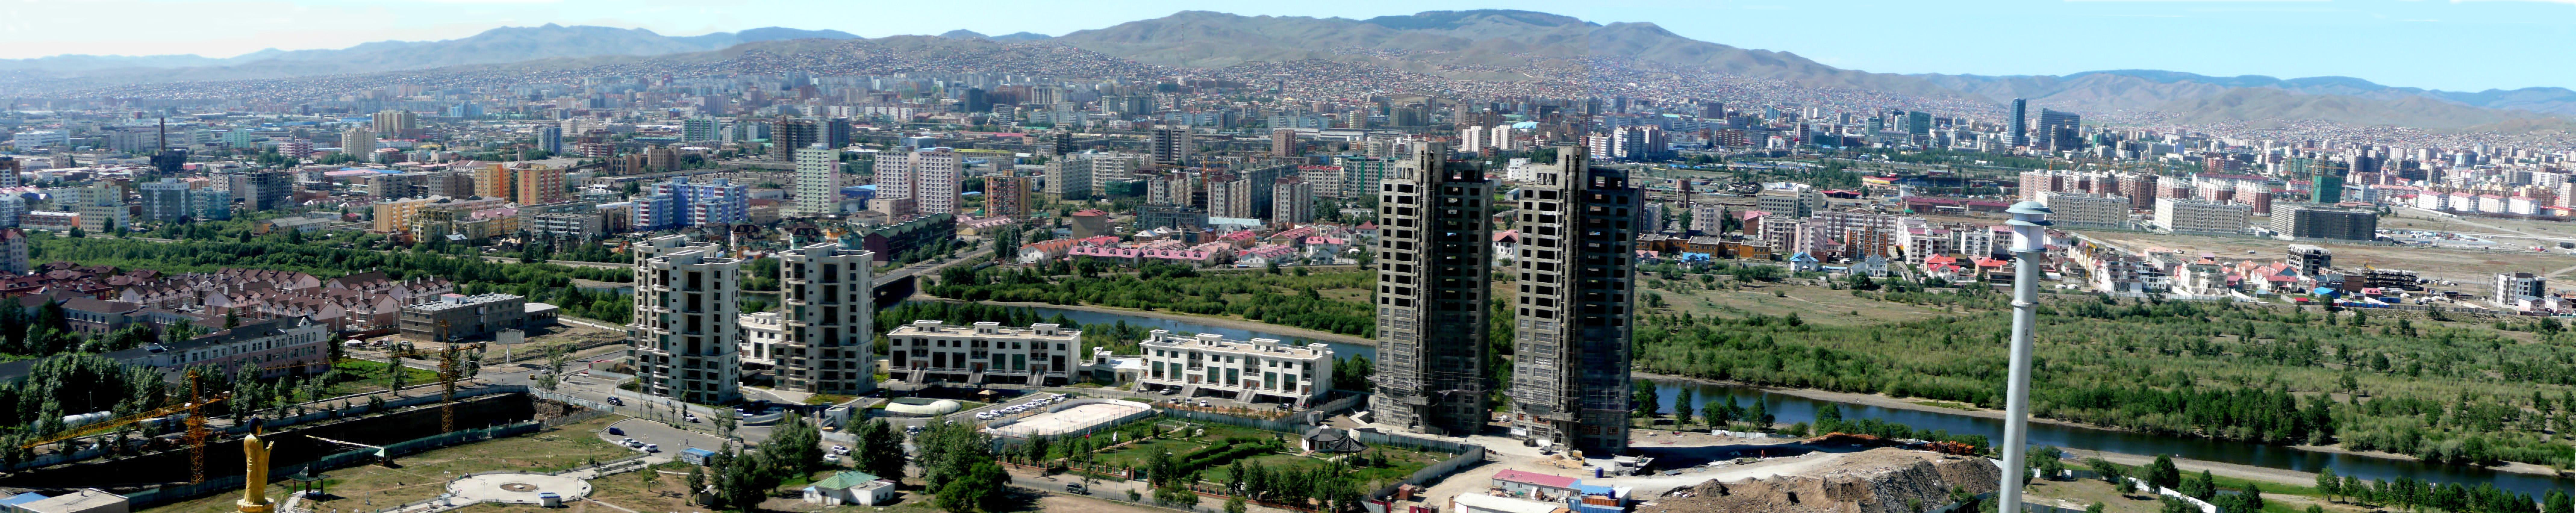 Panorama Ulan Bator 2010.jpg